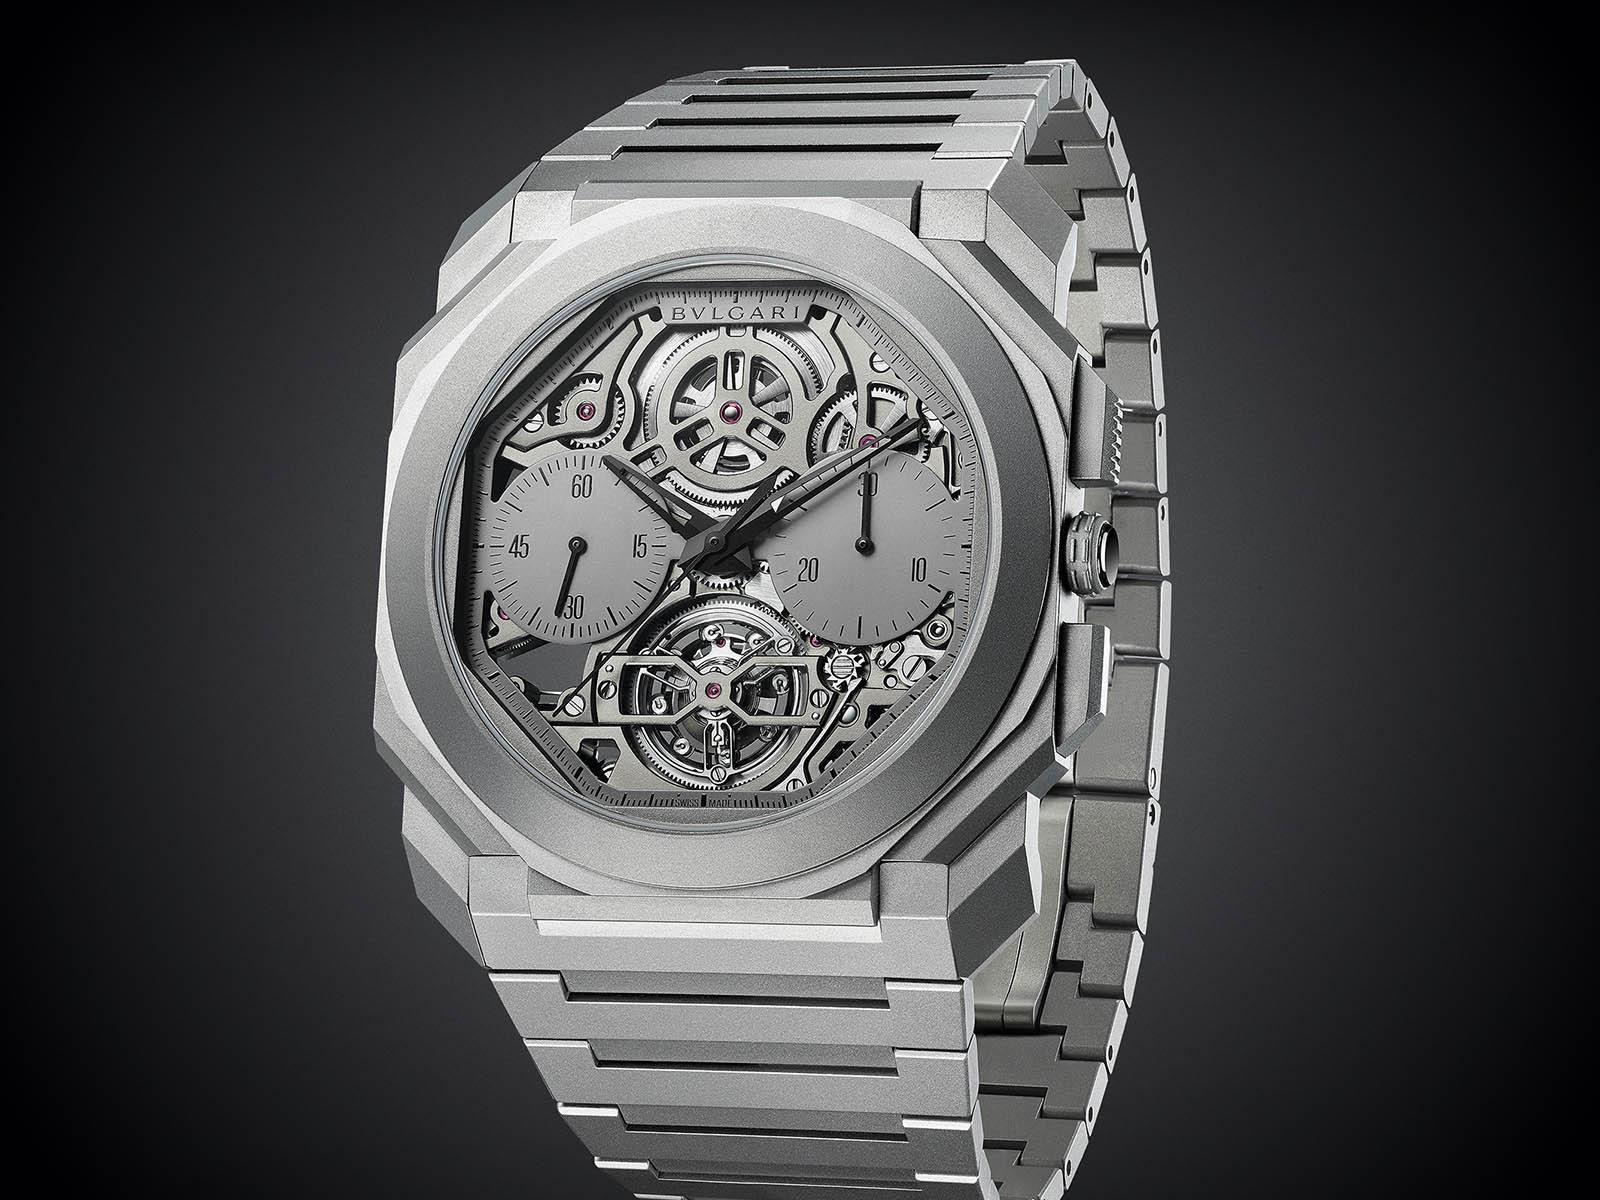 103295-bulgari-octo-finissimo-tourbillon-chronograph-skeleton-automatic-3.jpg